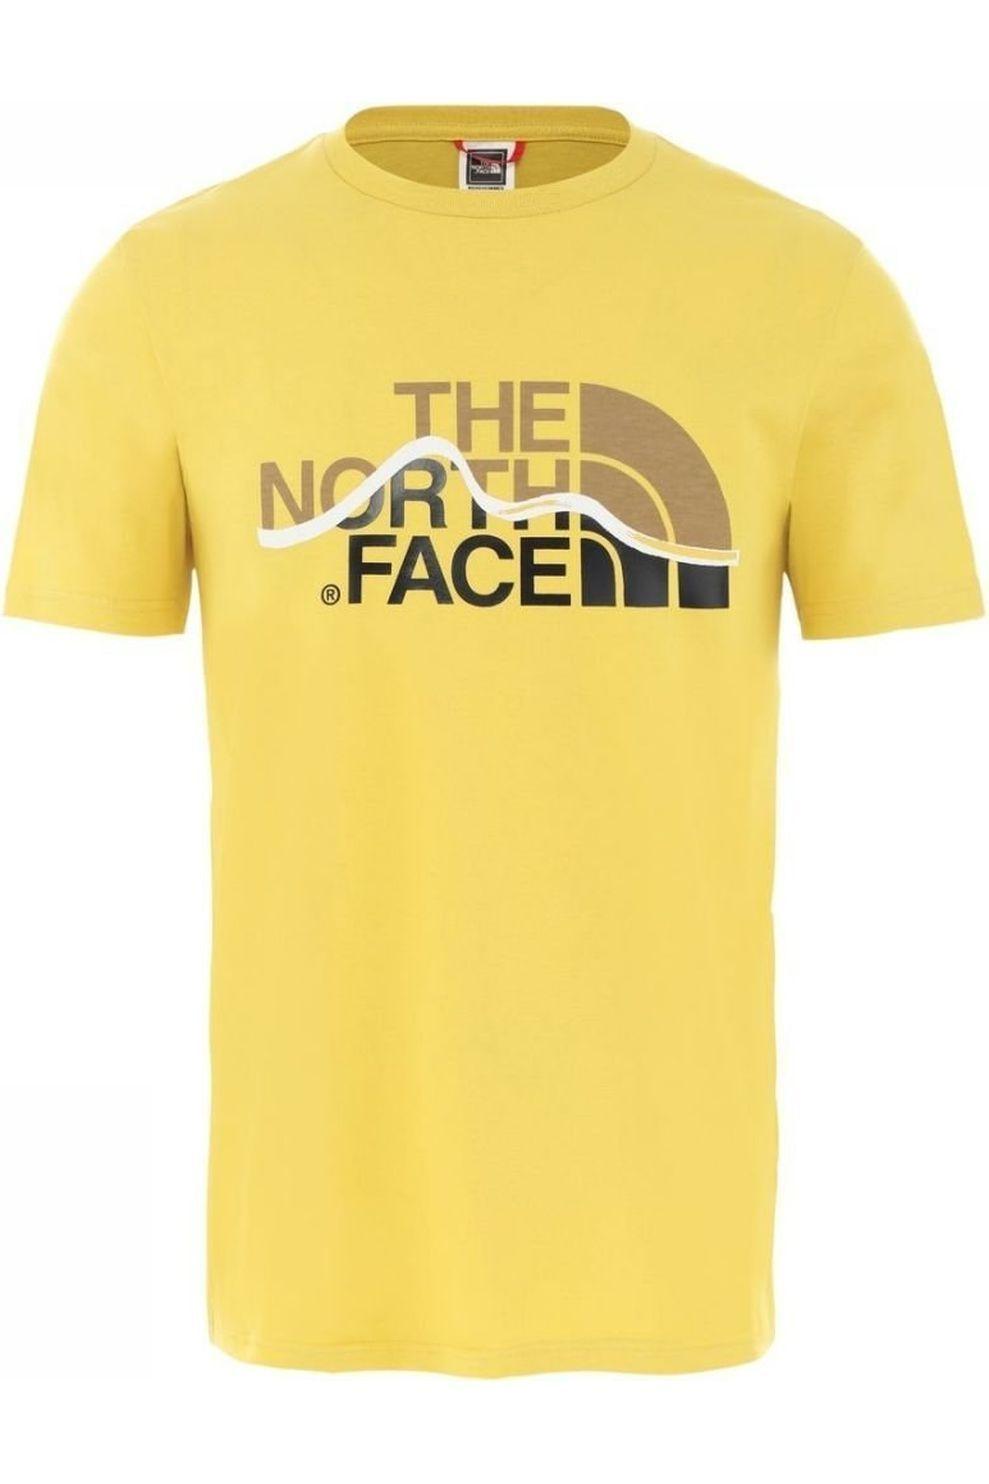 The North Face T-Shirt Mountain Line Heather Grey voor heren - Geel - Maten: S, M, L, XL